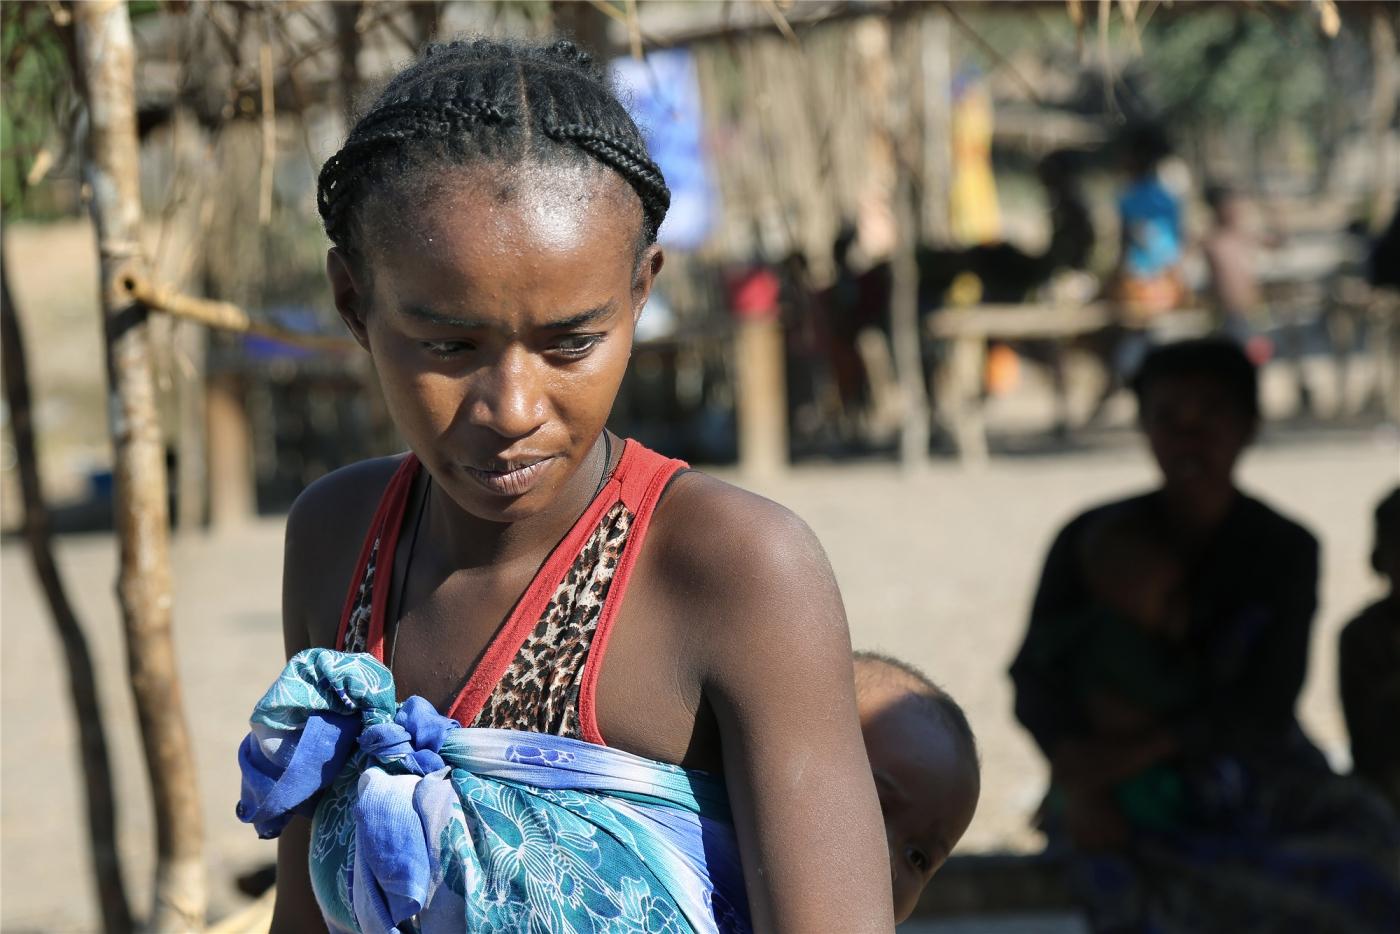 【原创实拍】黑色脸谱  ——行摄南部非洲(人像篇)_图1-19